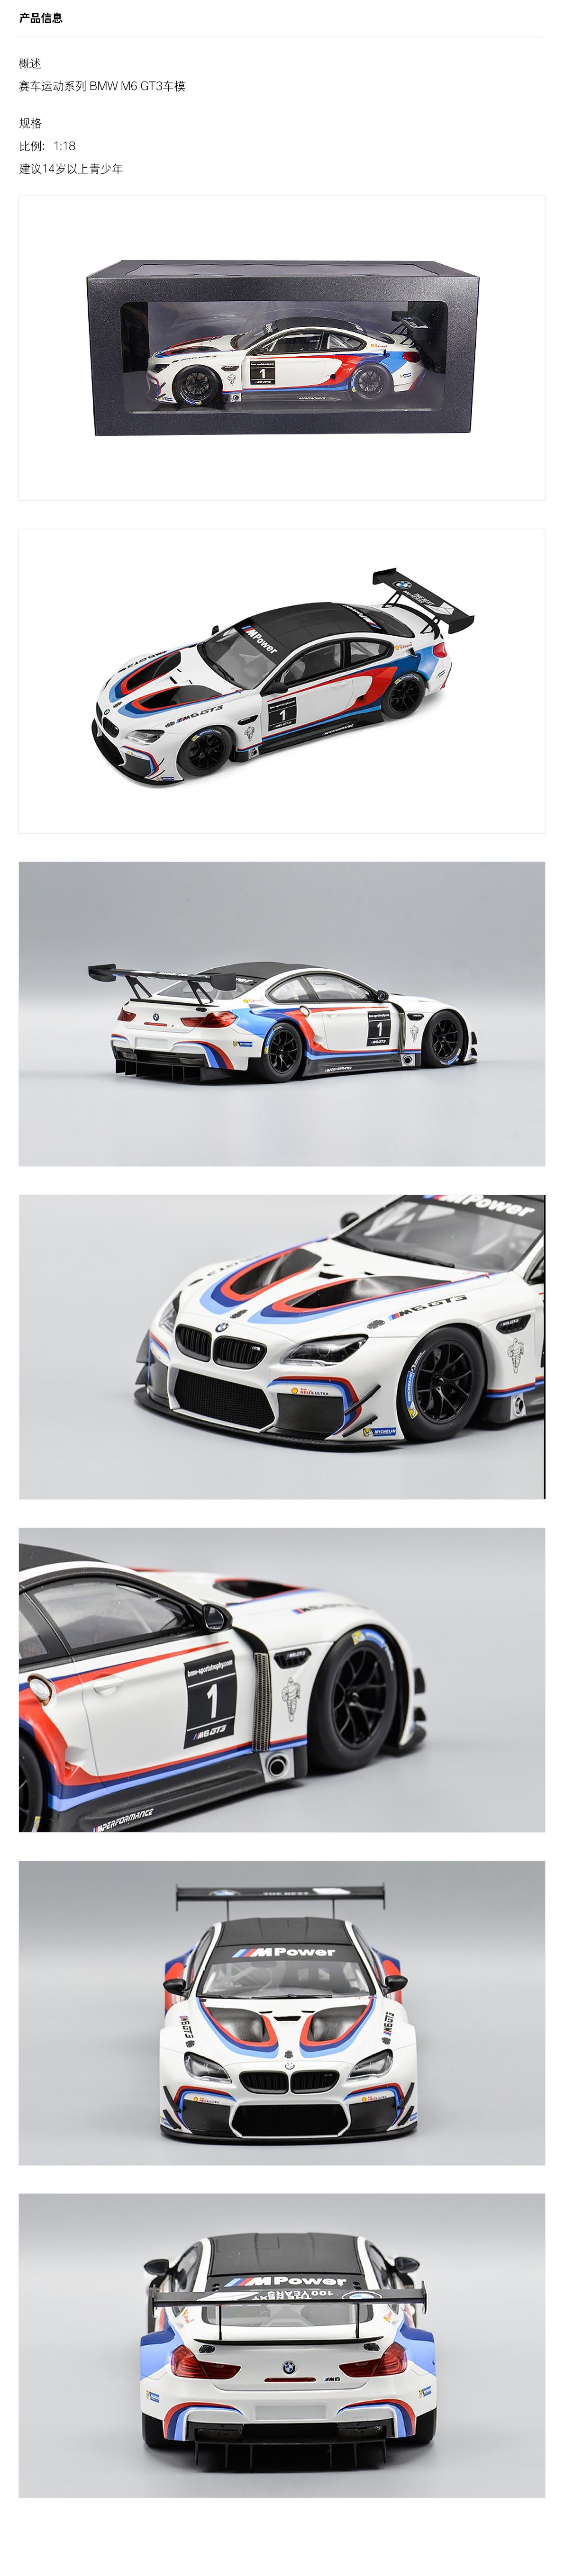 BMW宝马 赛车运动系列 BMW M6 GT3车模